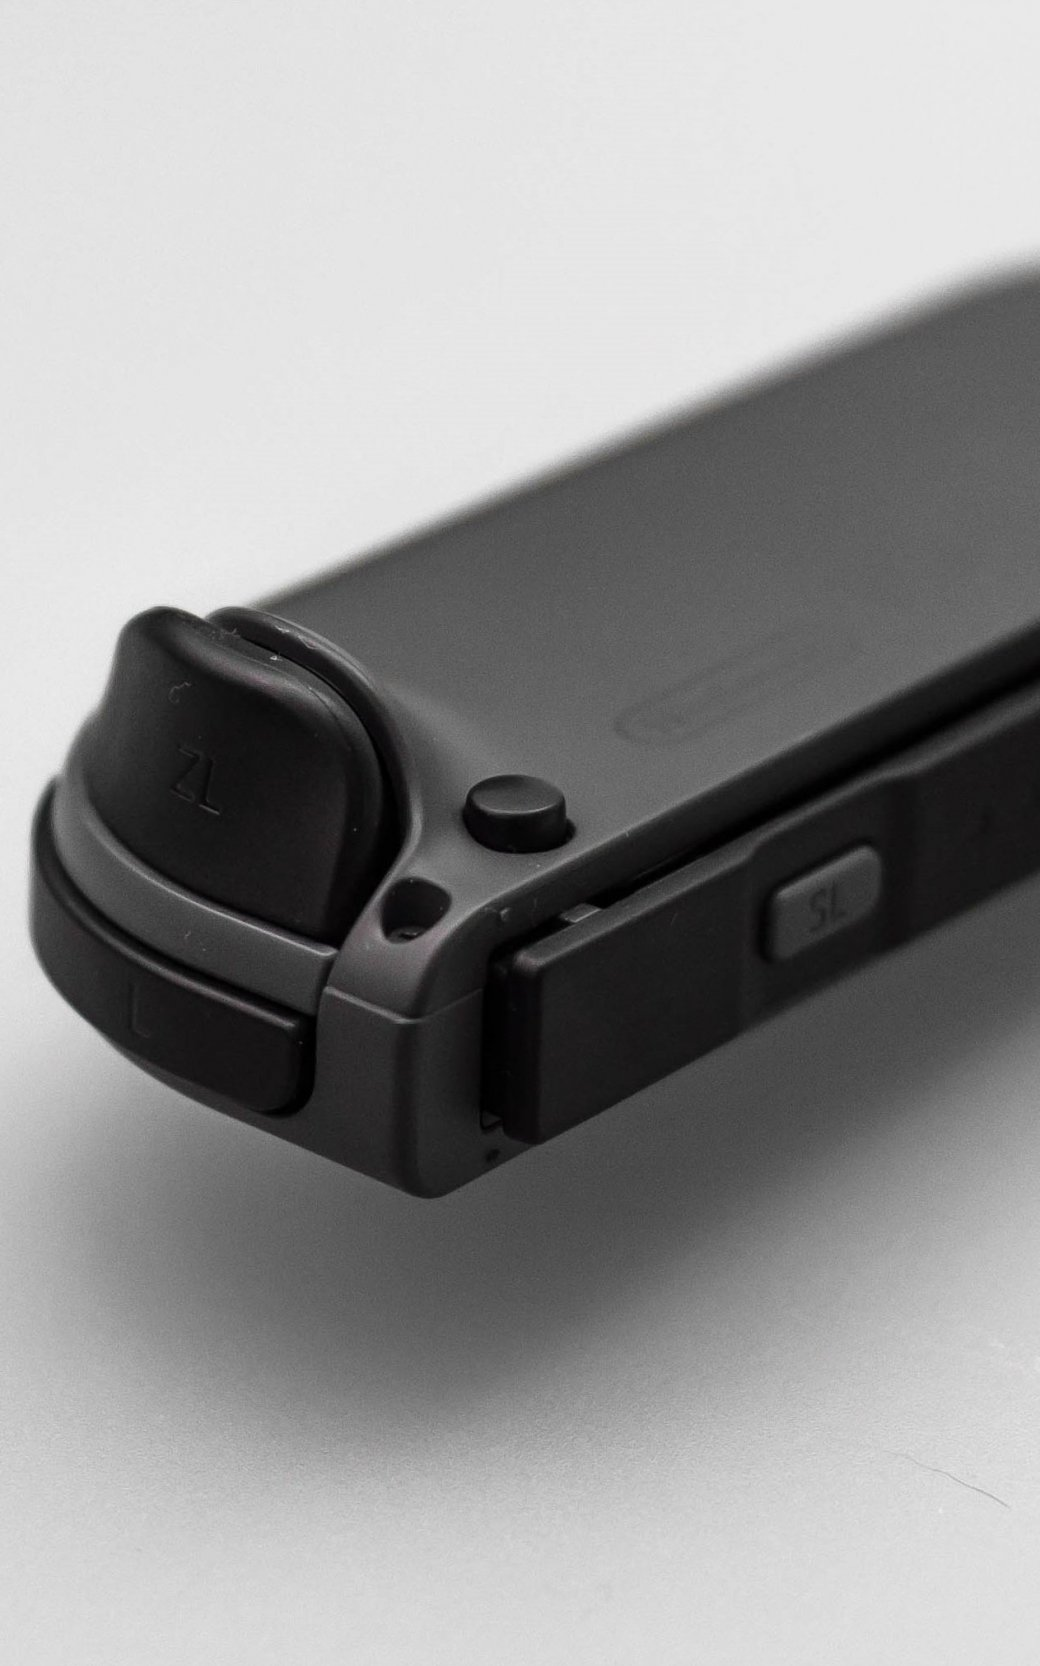 Обзор Nintendo Switch. - Изображение 7